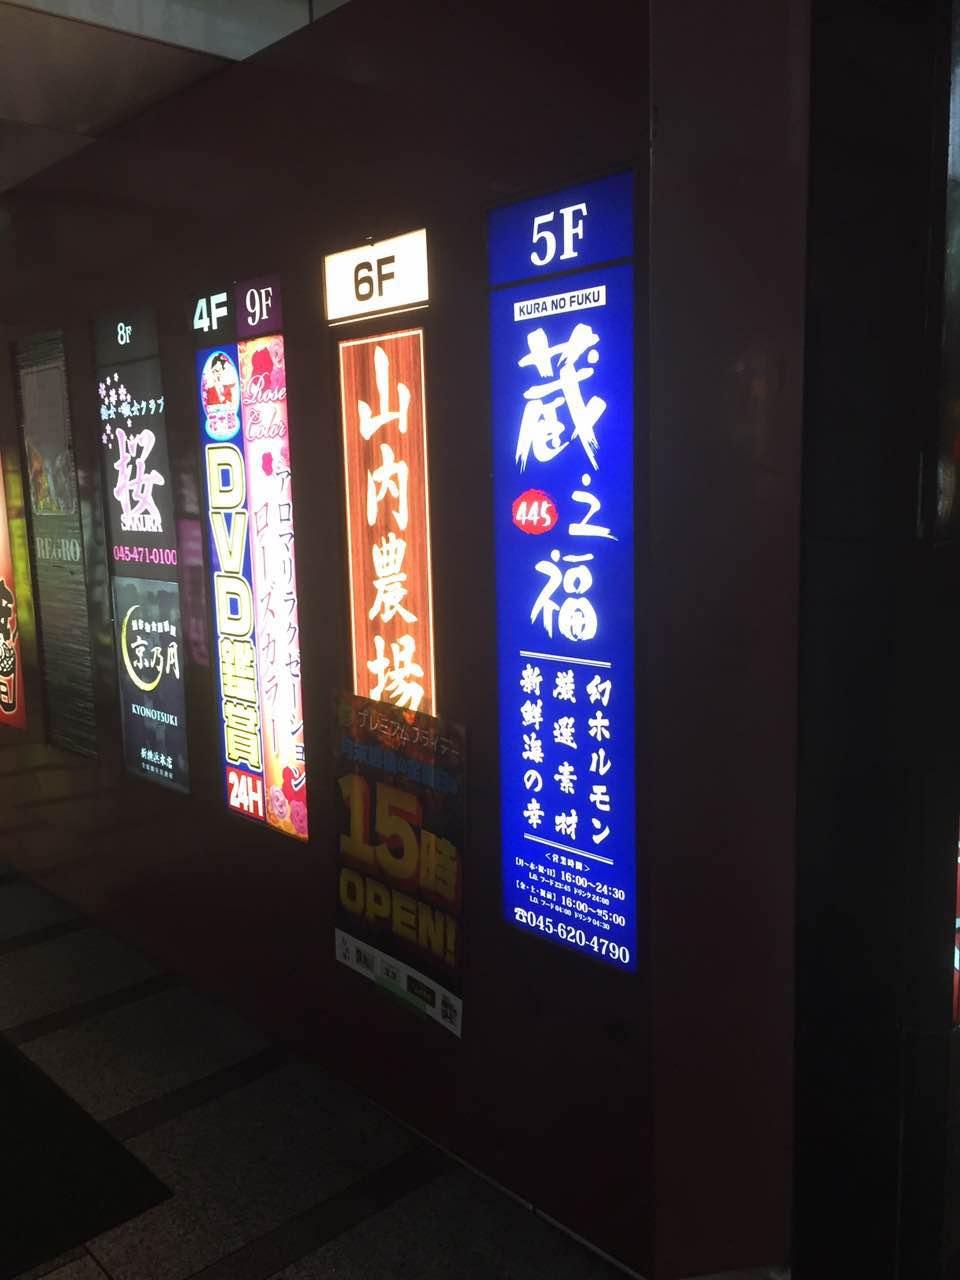 居酒屋看板-カルプ切文字/プレート看板/盤面交換/インクジェット出力